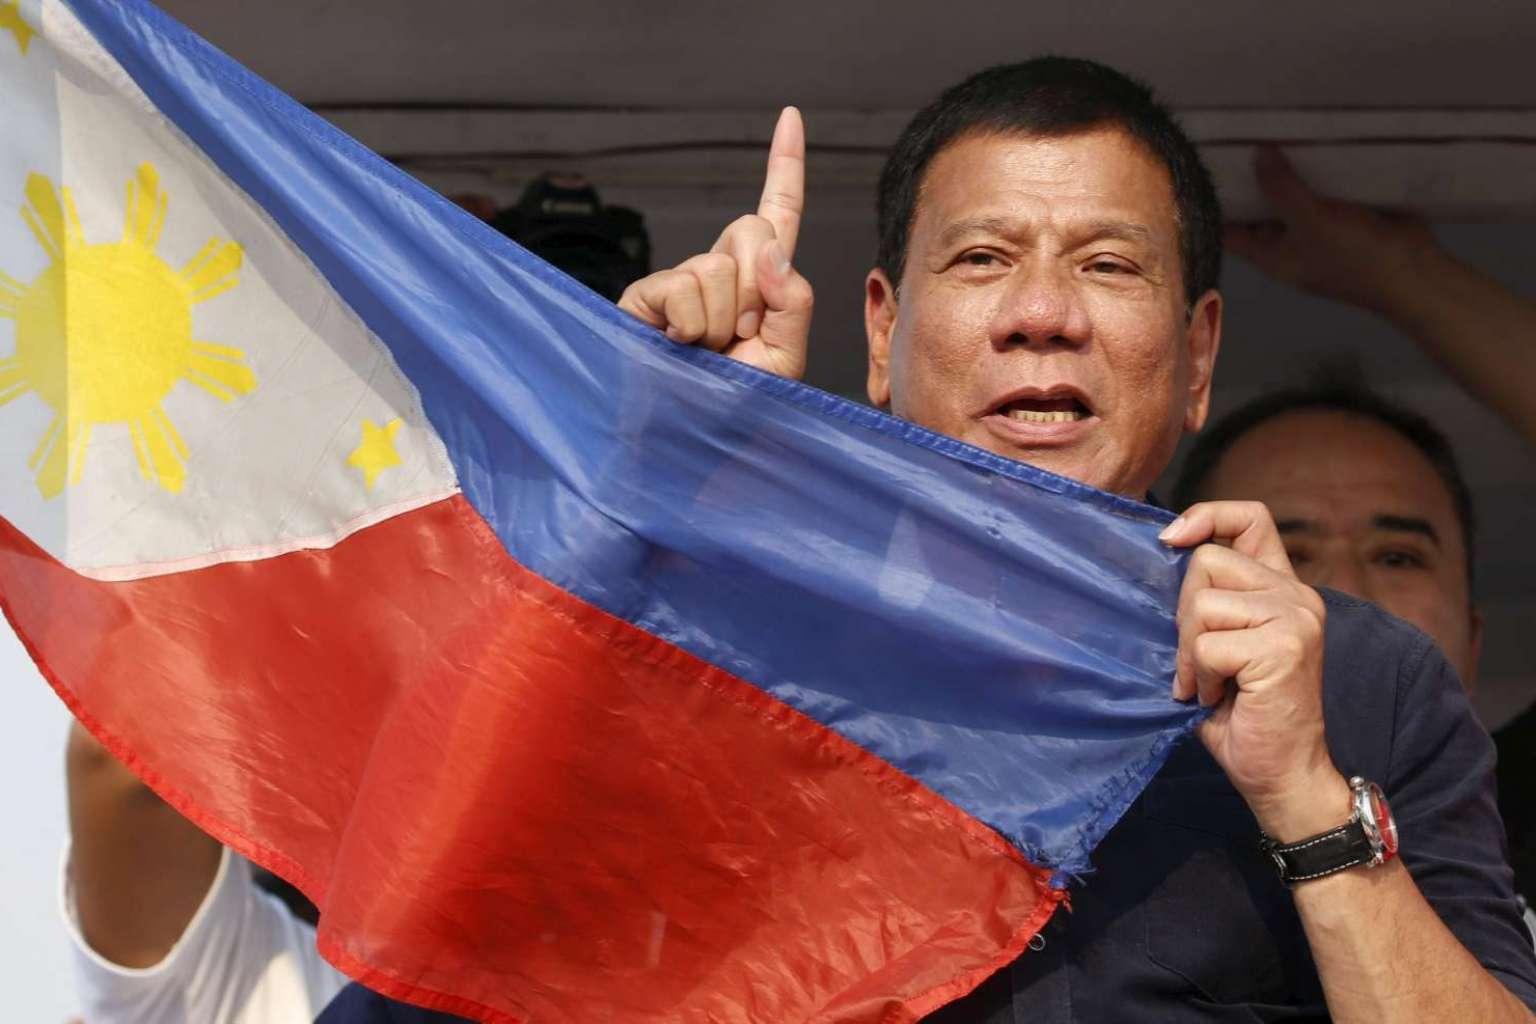 Tân Tổng thống Rodrigo Duterte tuyên bố Philippines sẽ không đánh đổi chủ quyền Biển Đông lấy lợi ích kinh tế từ Trung Quốc